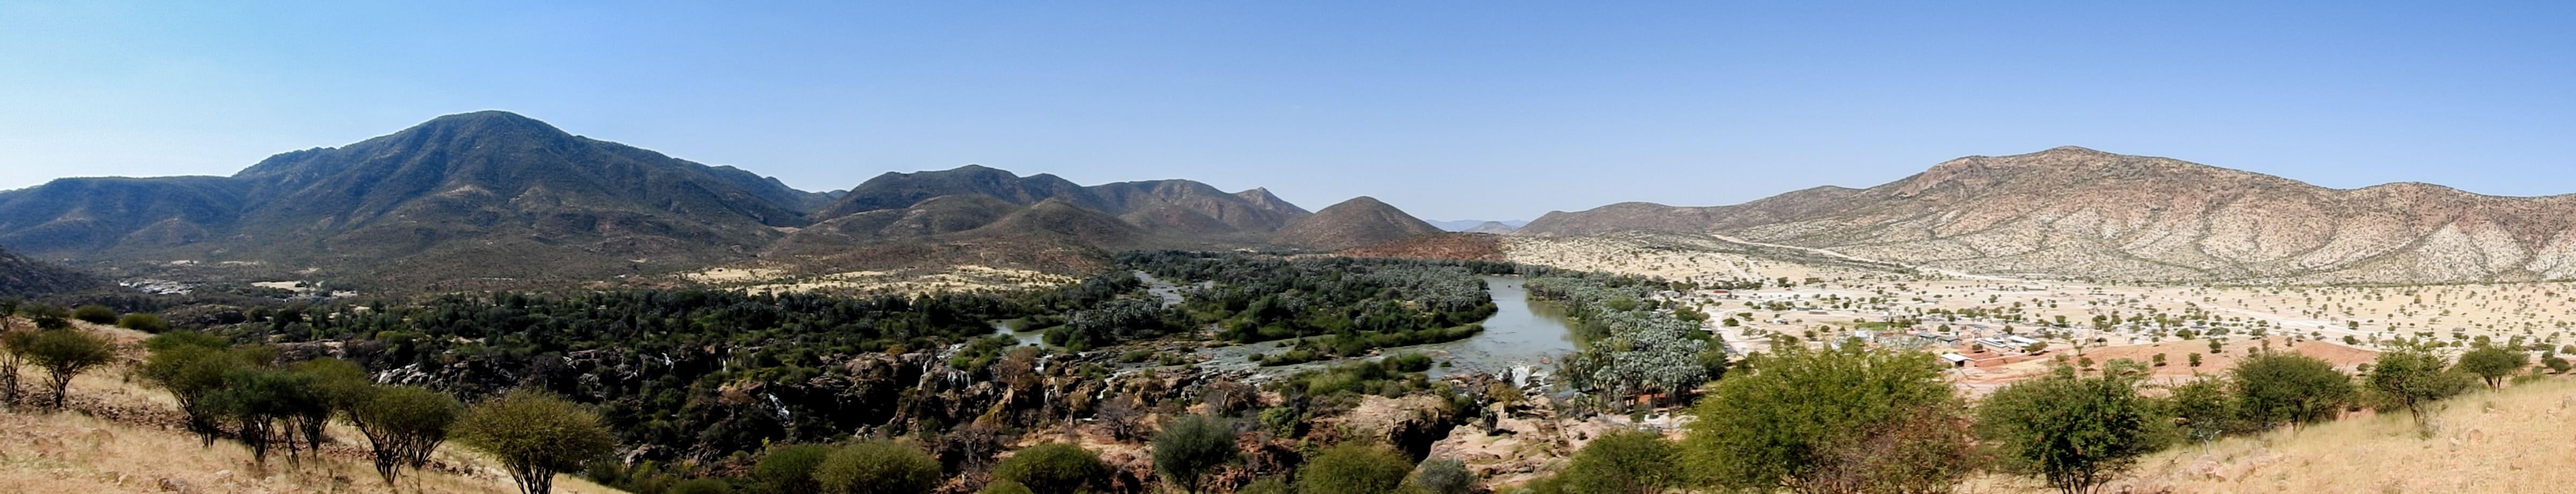 Namibia-Epupa-Falls